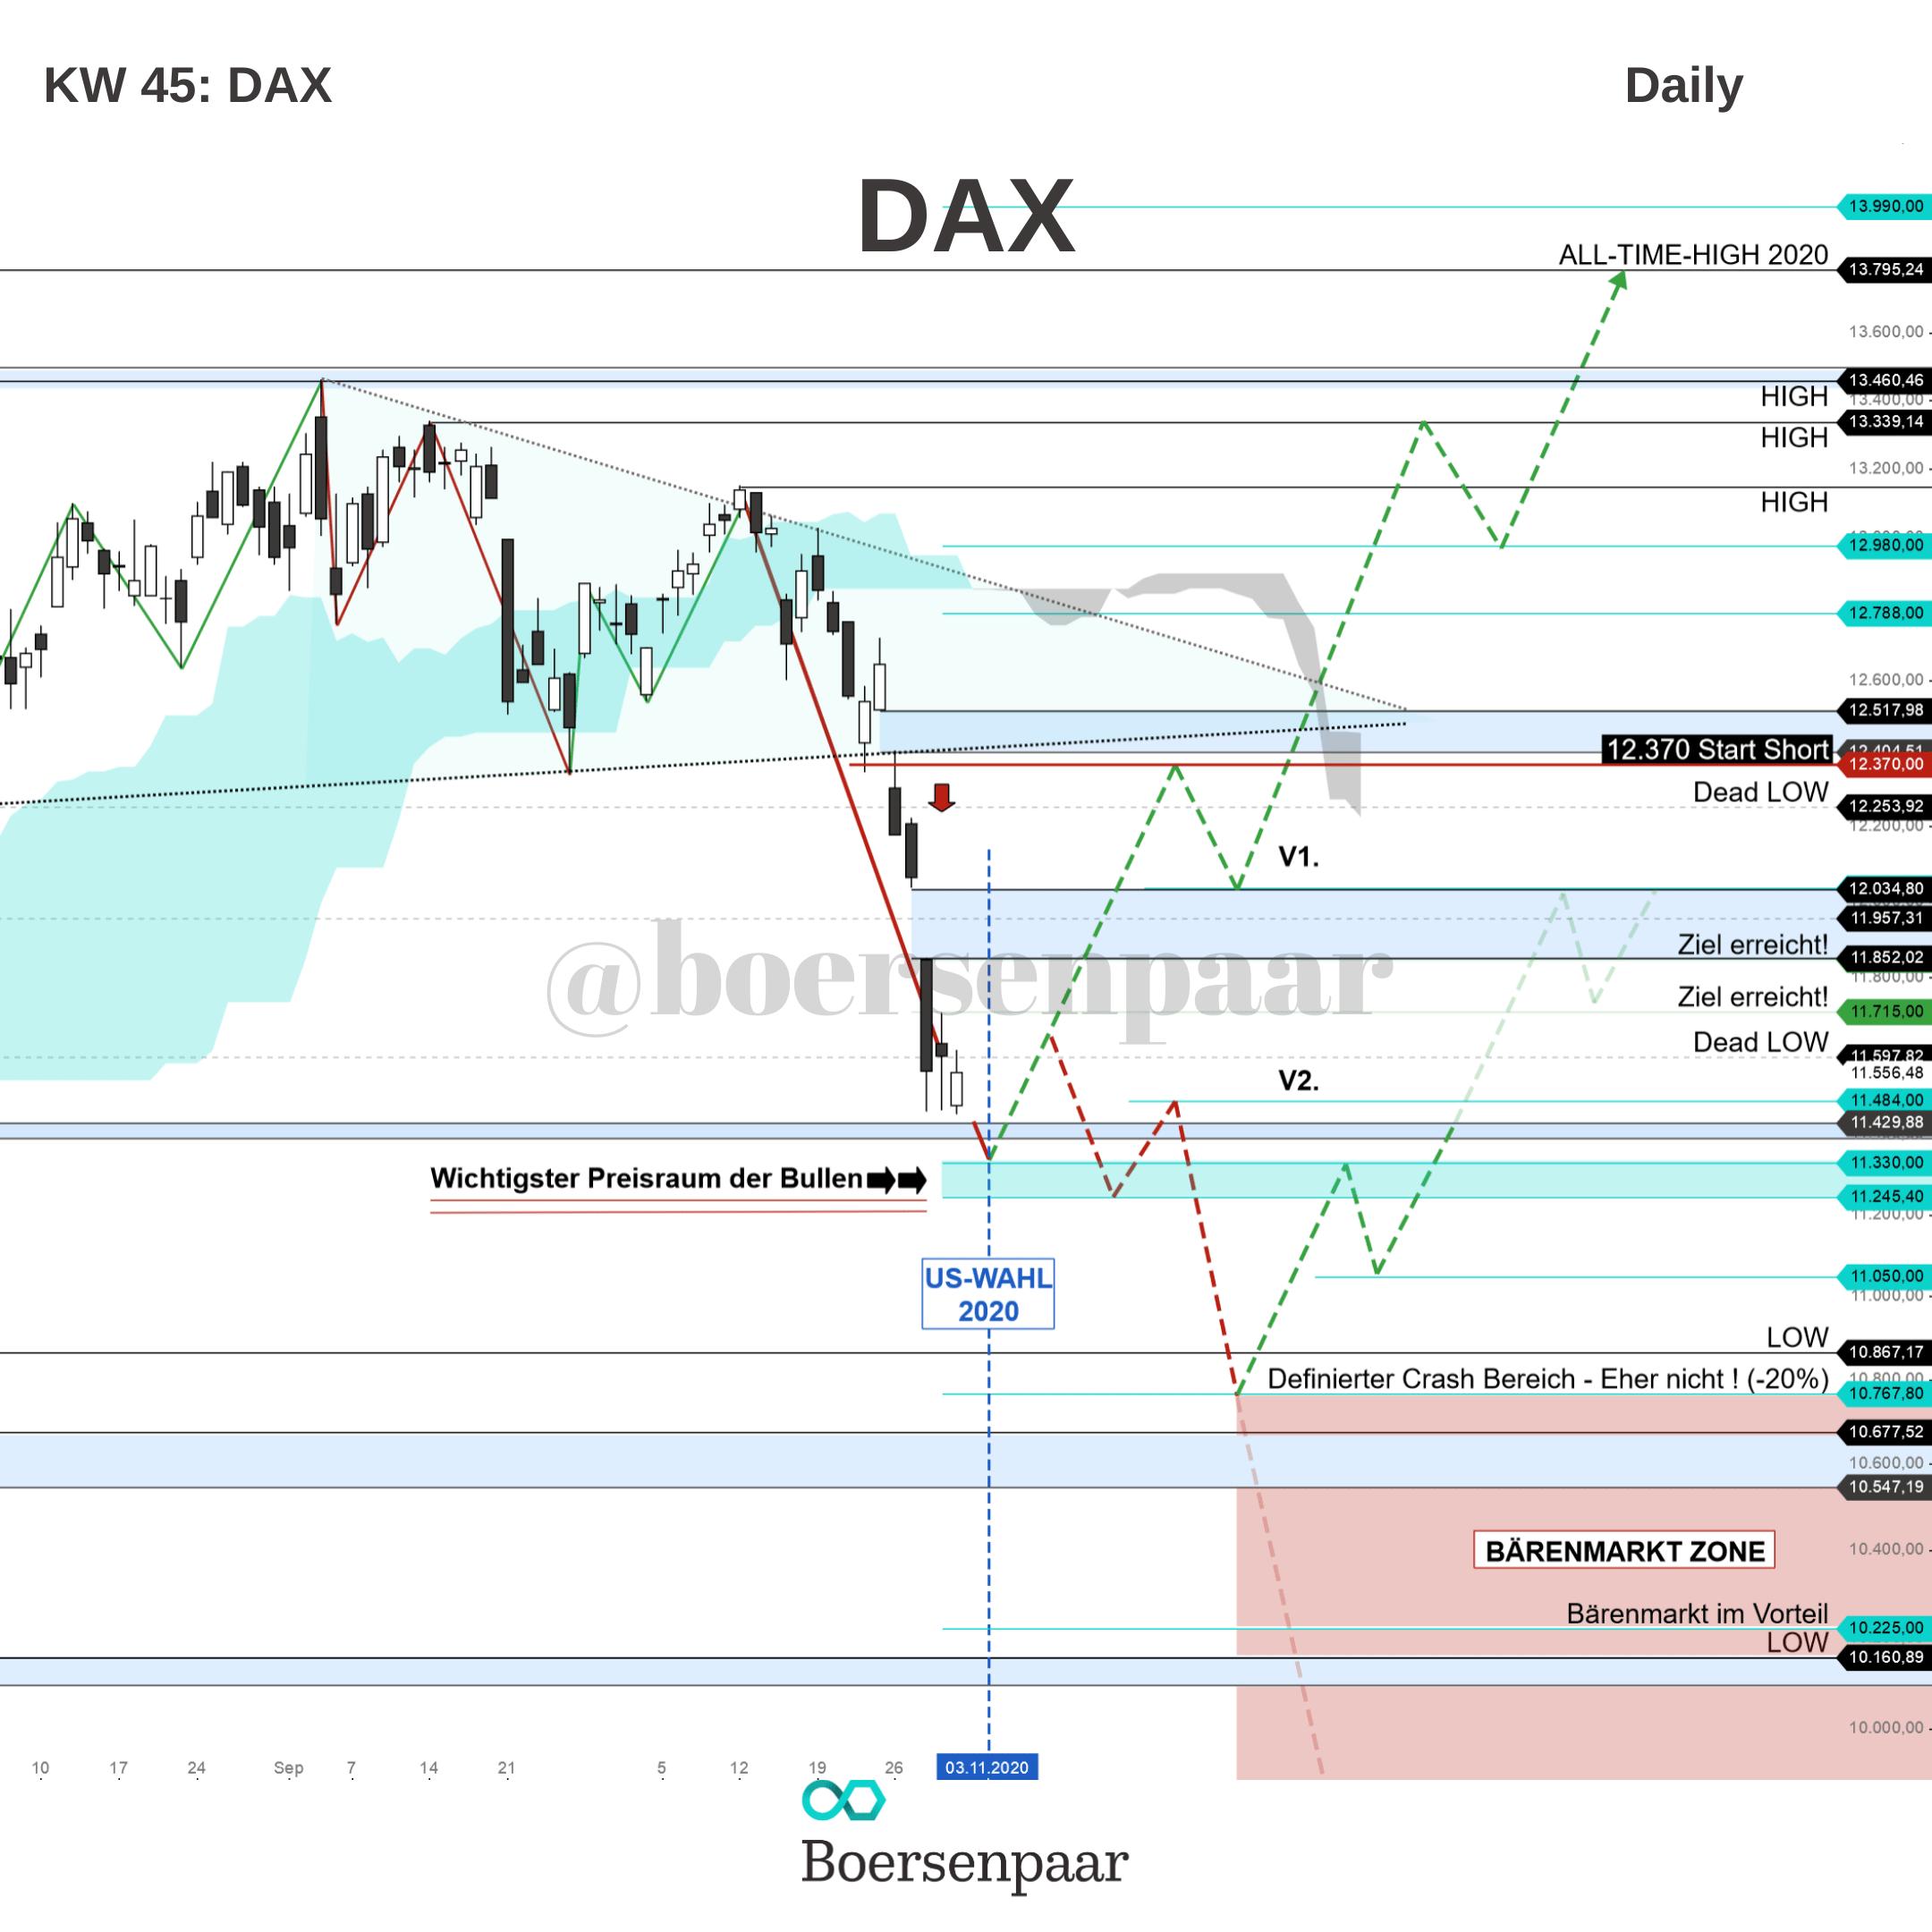 DAX Analyse - KW 45